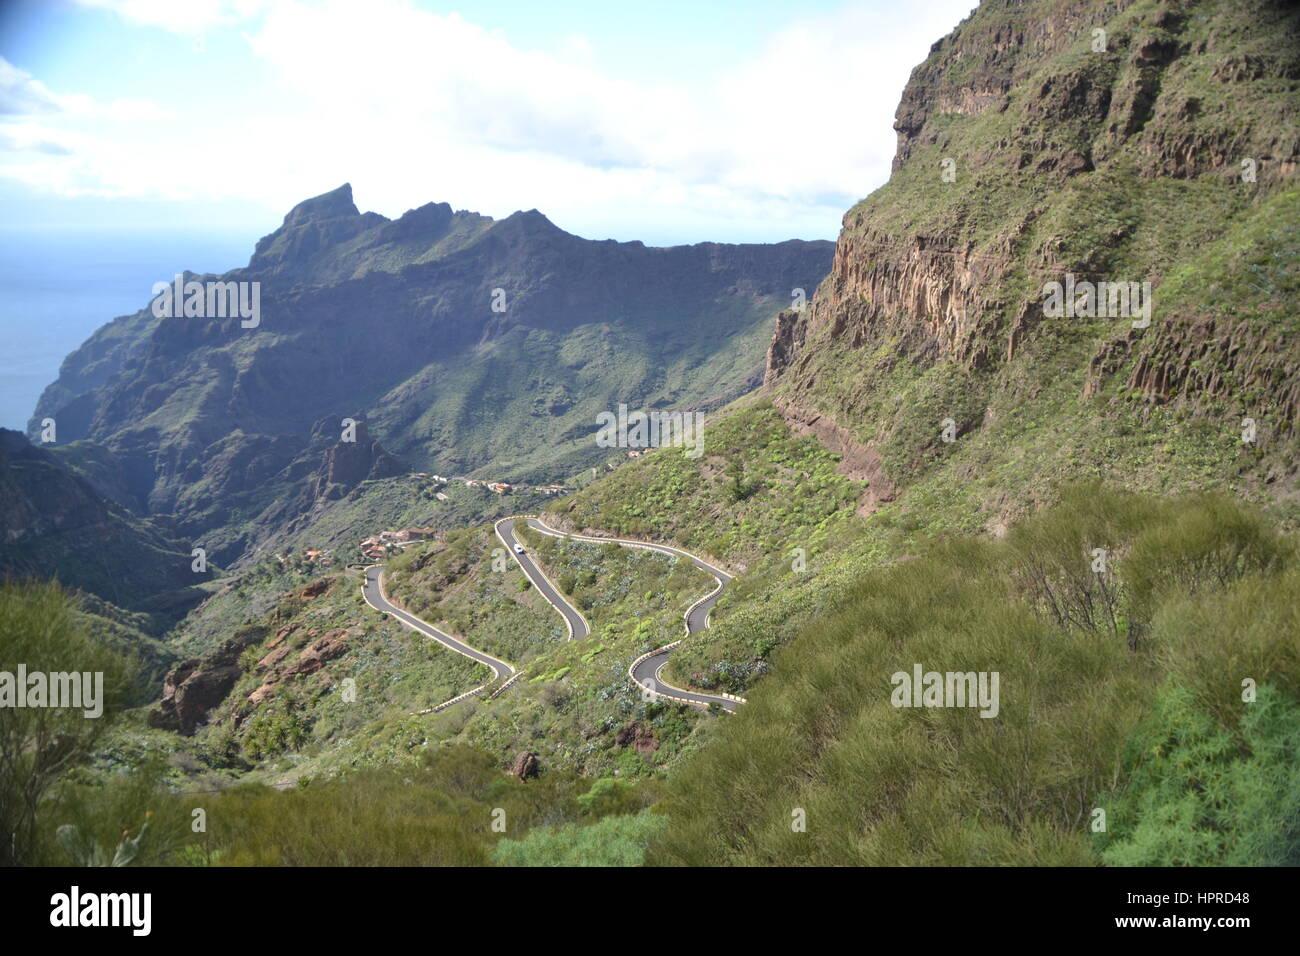 Masca ist ein kleines Bergdorf auf der Insel Teneriffa, auf einer Höhe von 650 m in den Berg Macizo de Teno Stockbild